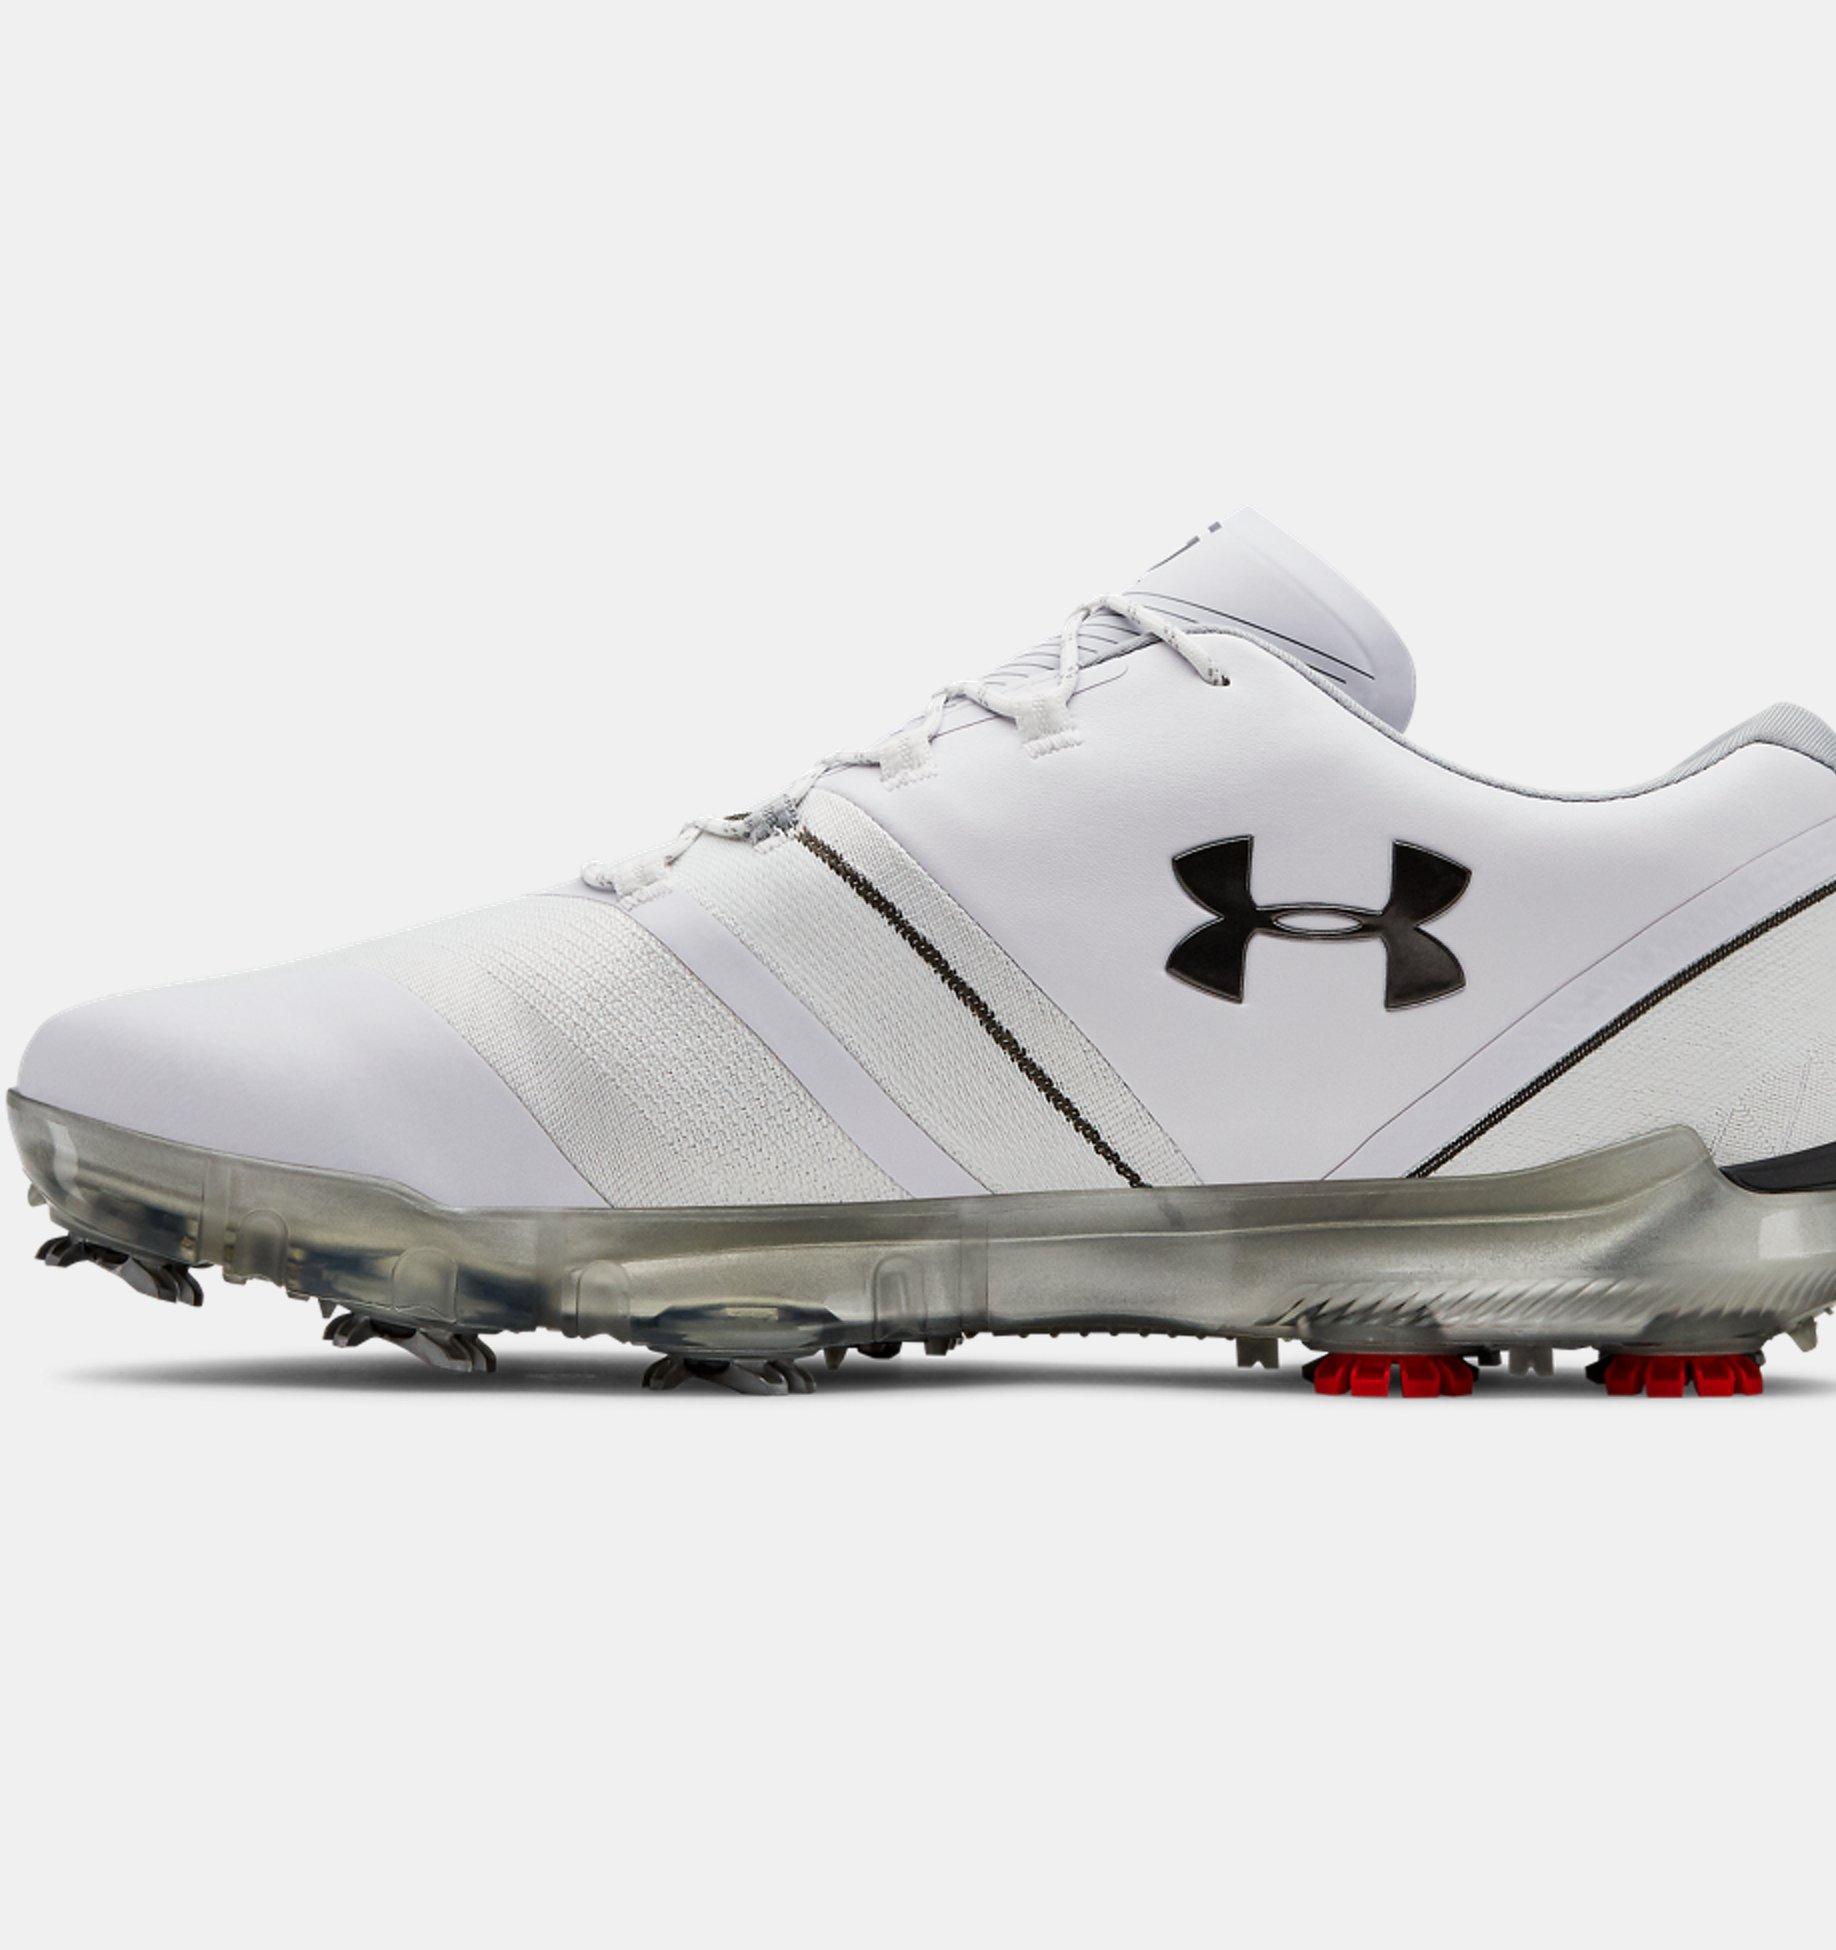 6aae0d8008f6 ... Men s UA Spieth 3 Golf Shoes ...